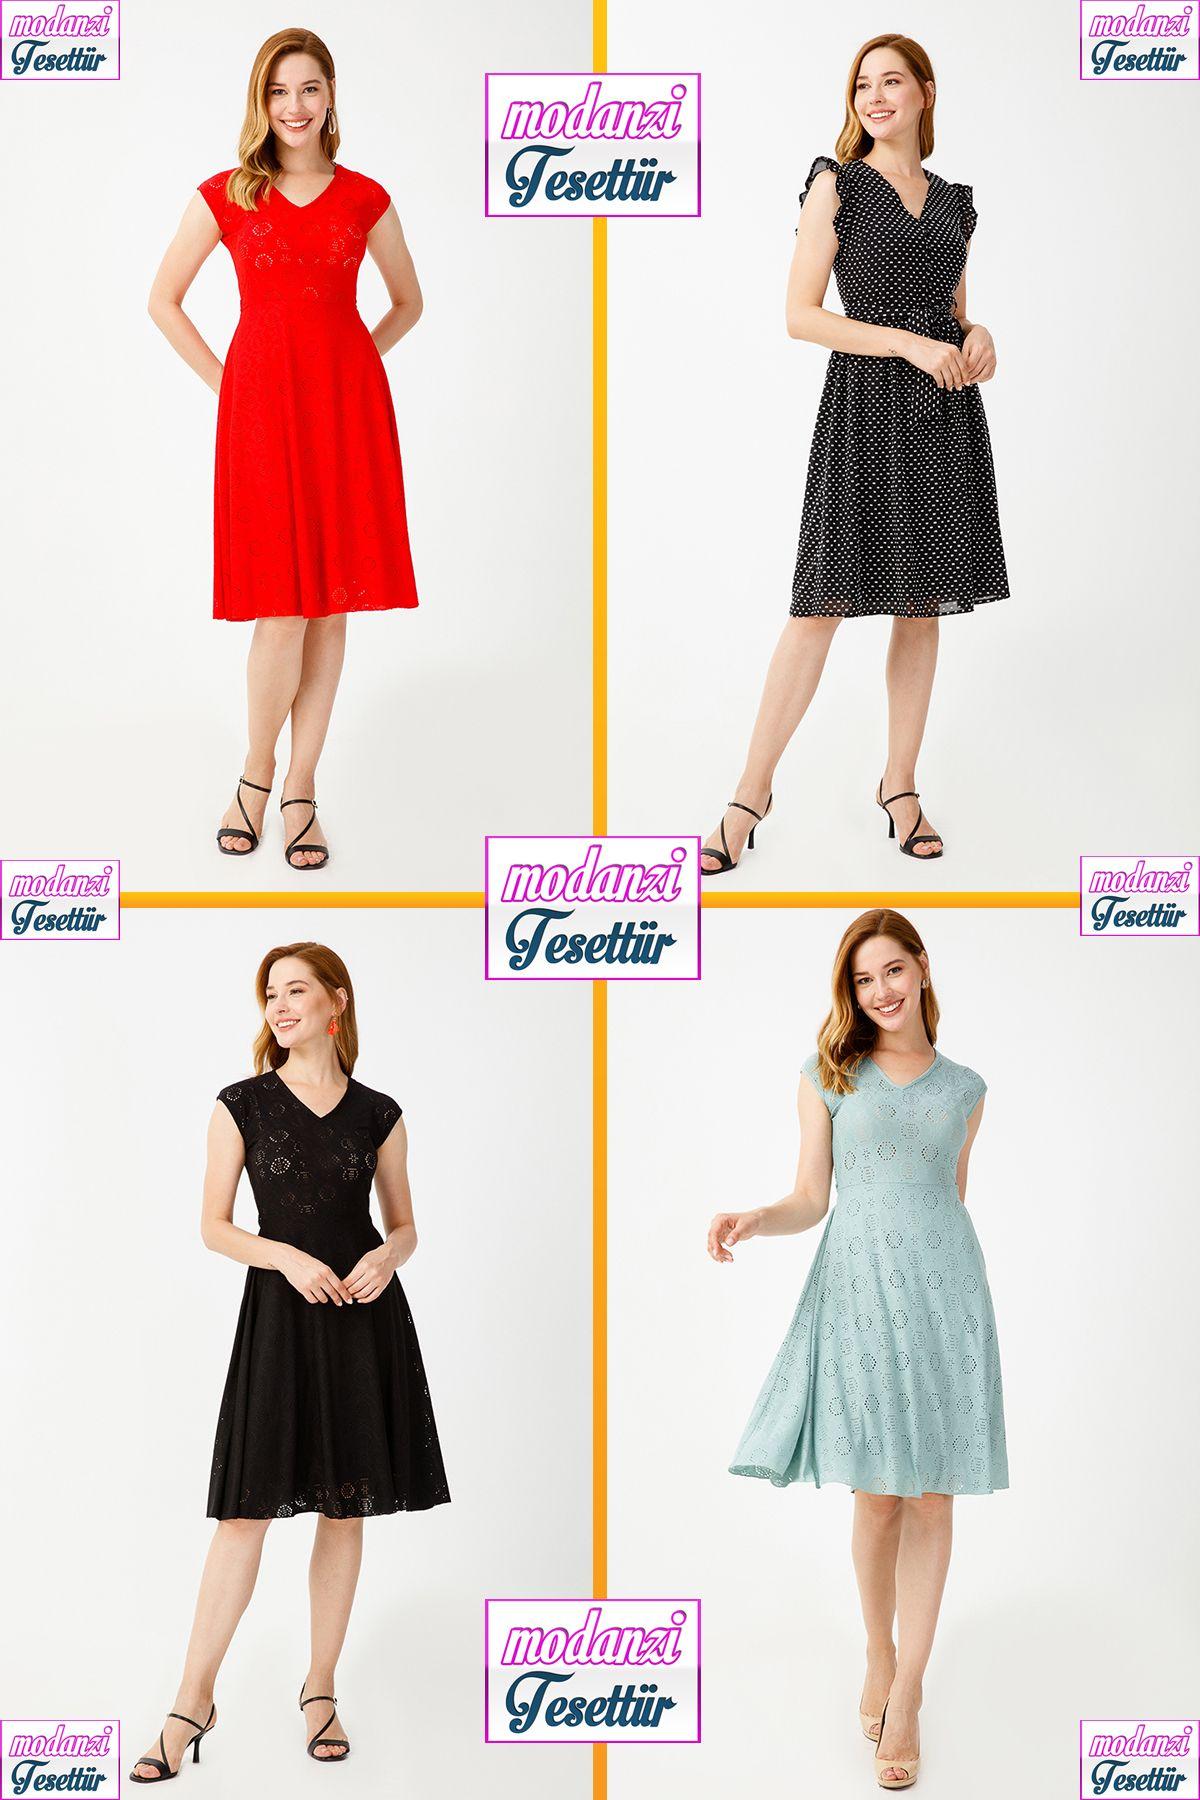 Ekol Yeni Sezon Elbise Modelleri Ve Fiyatlari 5 2020 Ekol Online Elbise Lizzo Dress 2020 Elbise Modelleri Elbise Moda Stilleri